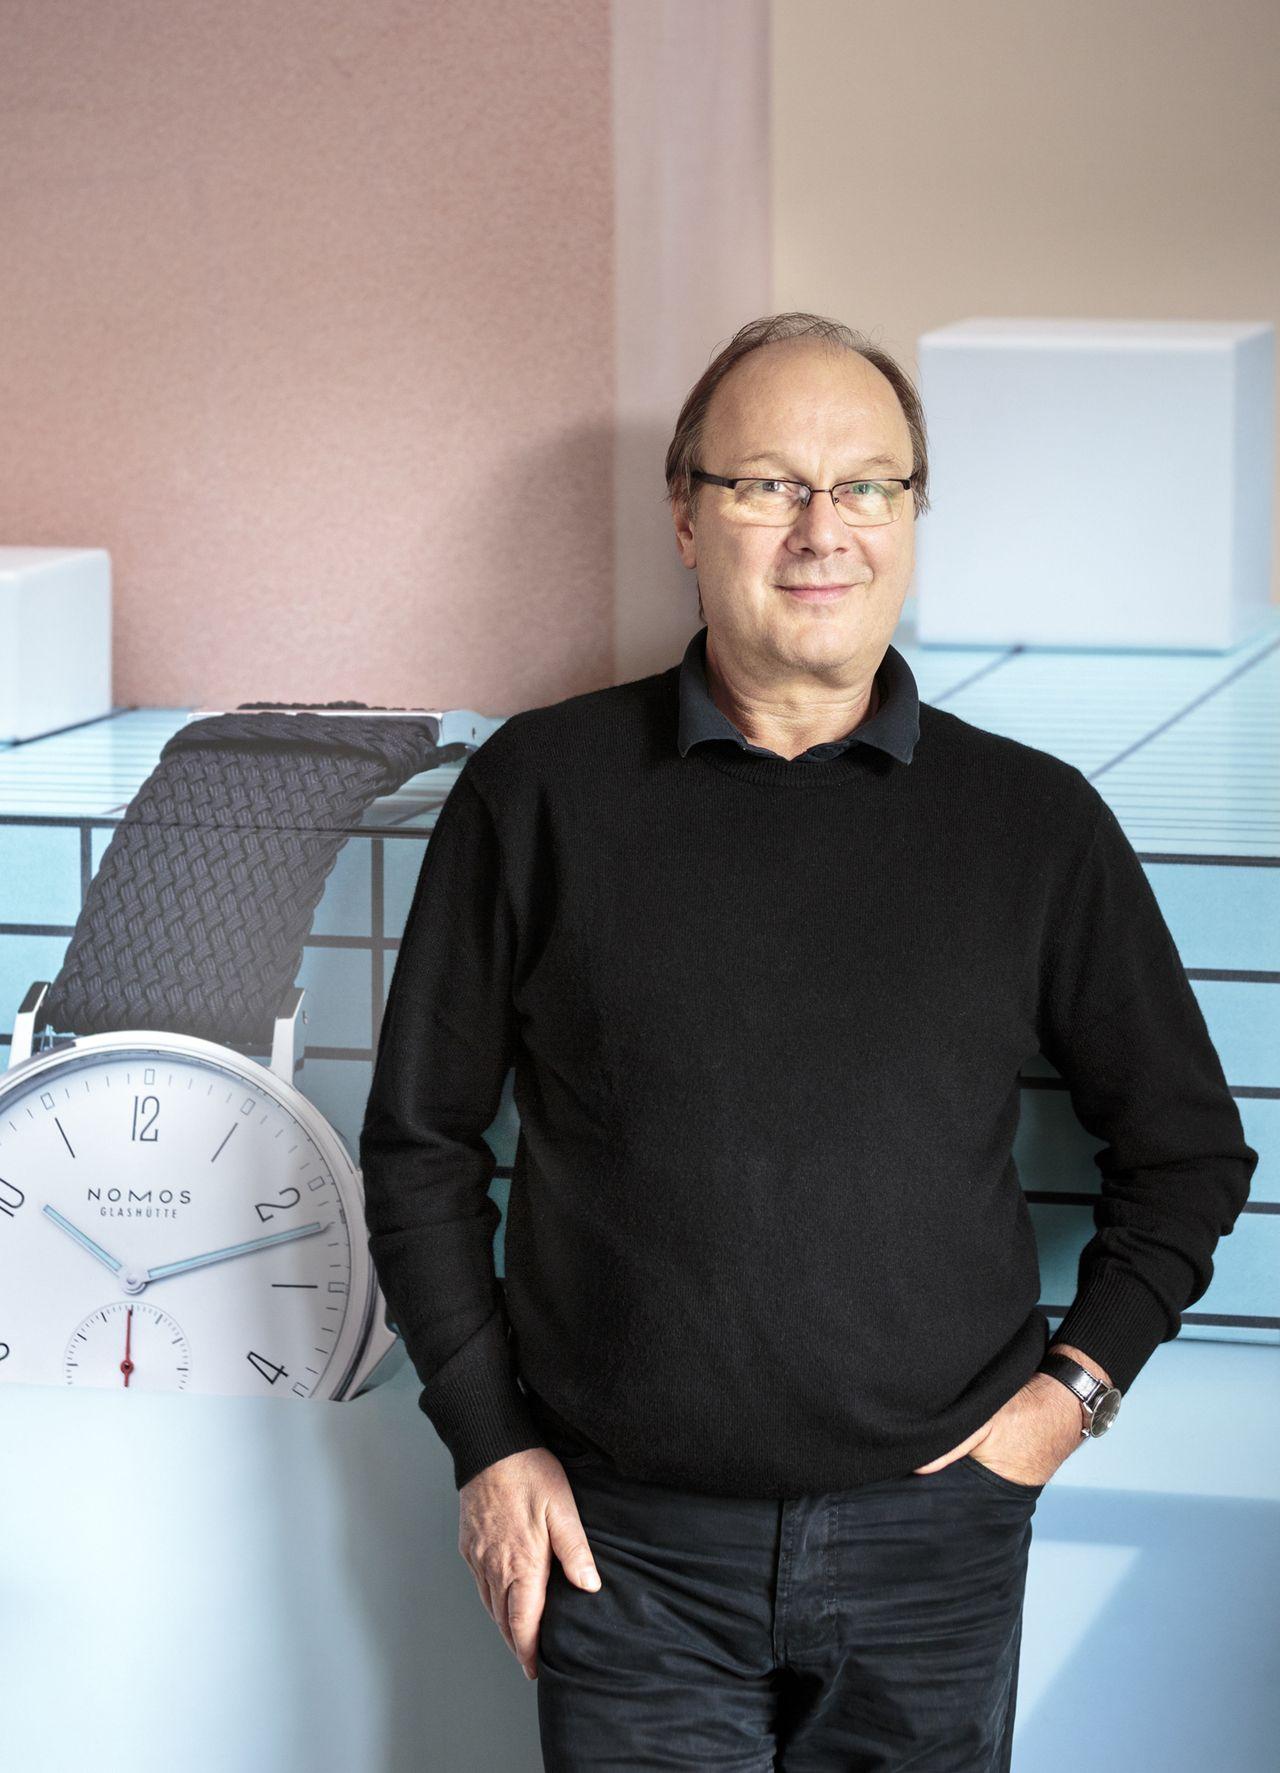 Roland Schwertner, a Nomos alapítója